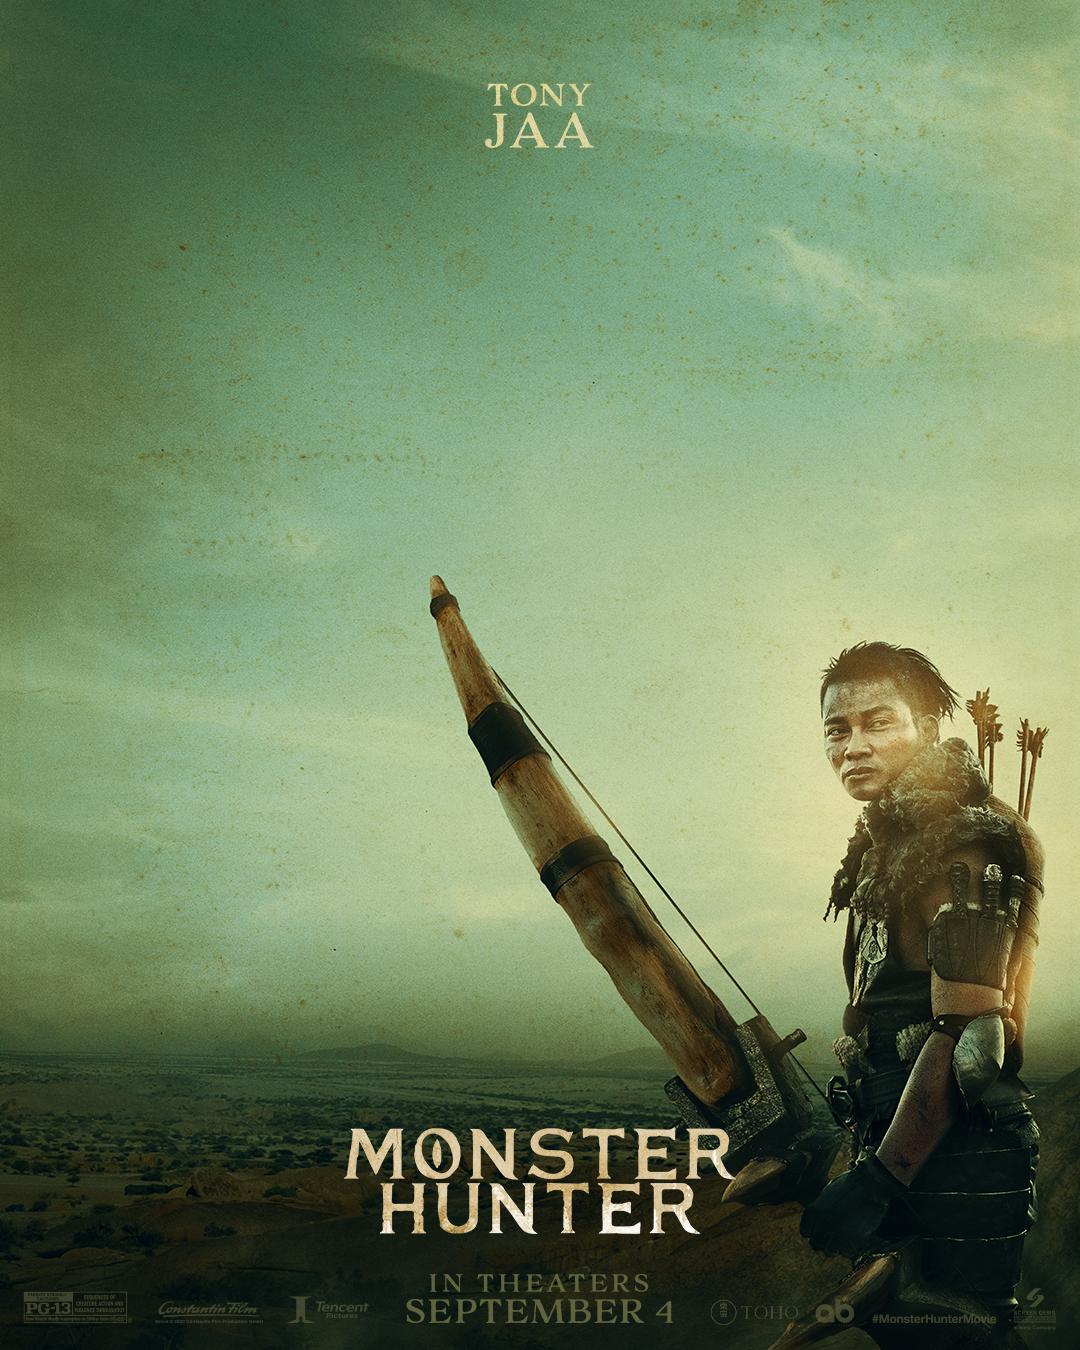 Monster Hunter Teaserposter 2